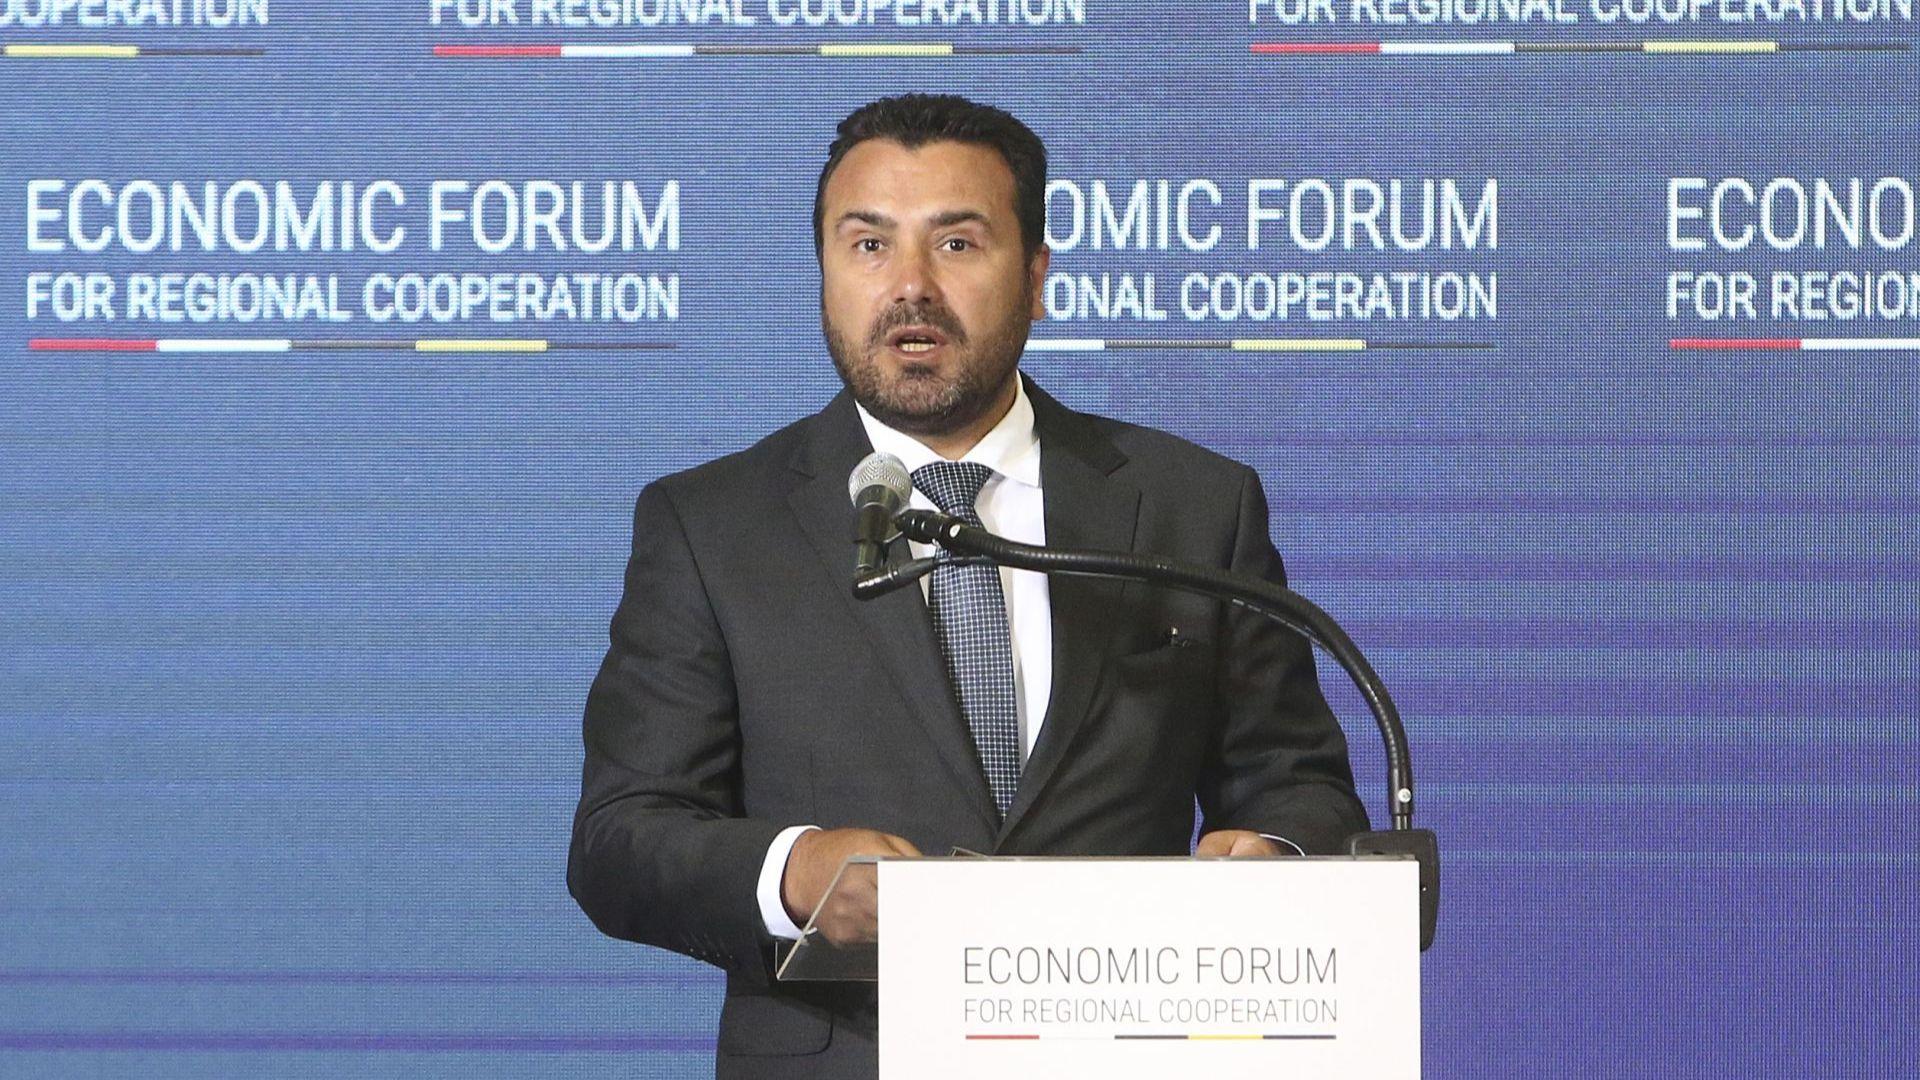 Премиерът на Северна Македония Зоран Заев очаква да започне преговори с редовното правителство в София